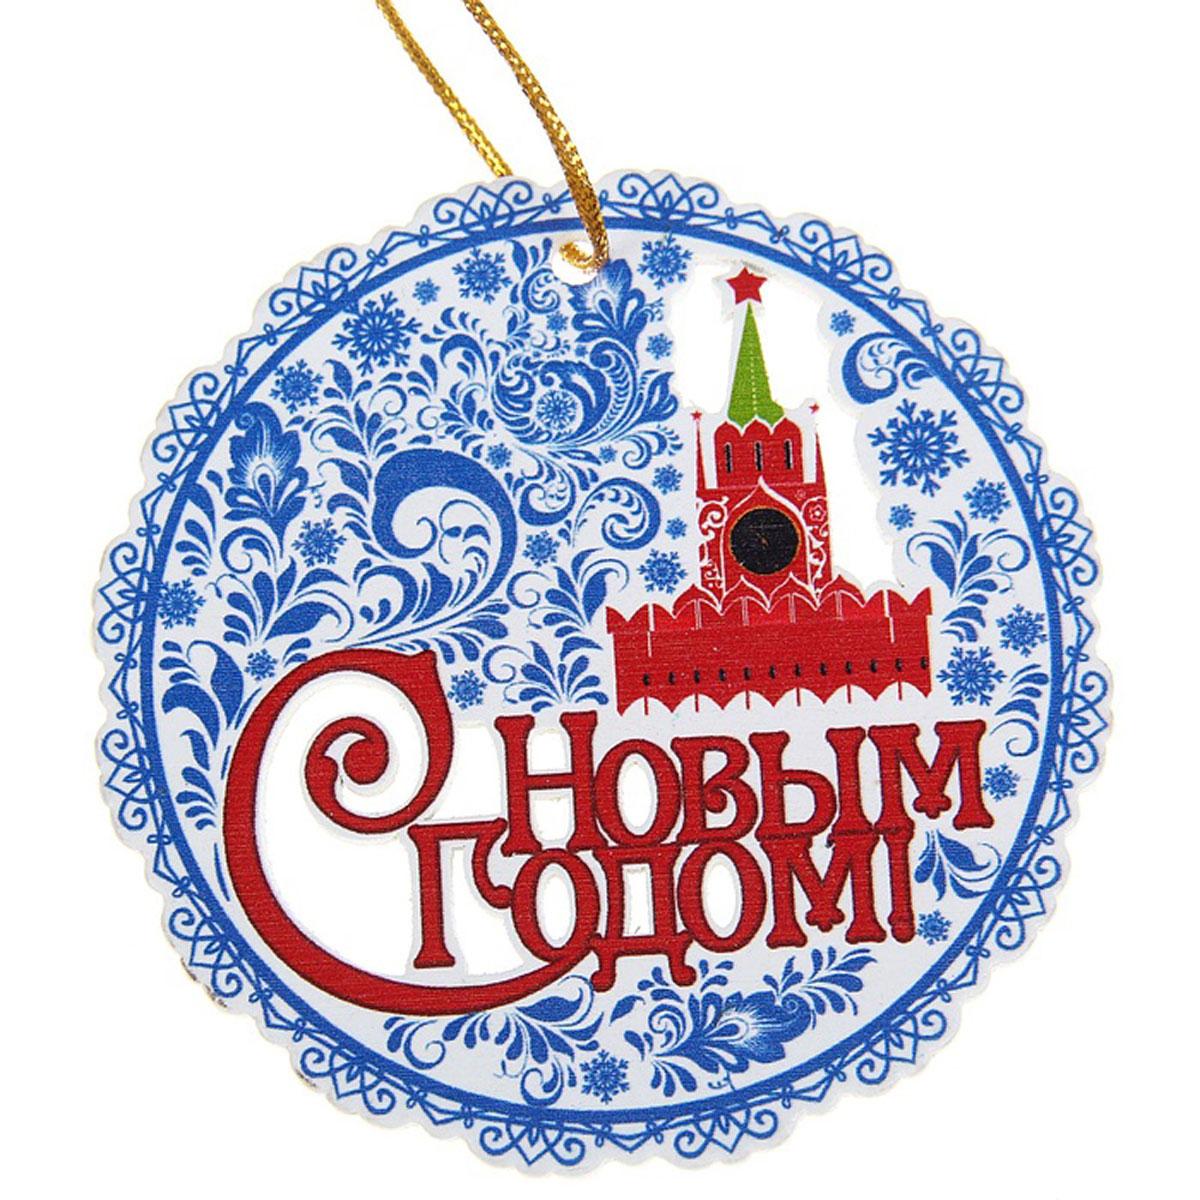 Новогоднее подвесное украшение Sima-land С Новым годом, диаметр 10 см1117819Подвесное украшение Sima-land С Новым годом, выполненное из дерева, прекрасно подойдет для праздничного декора вашей ели. Изделие оснащено специальной текстильной петелькой, благодаря которой его можно повесить в любом понравившемся вам месте. Но удачнее всего такая игрушка будет смотреться на праздничной елке. Елочная игрушка - символ Нового года и Рождества. Она несет в себе волшебство и красоту праздника. Создайте в своем доме атмосферу веселья и радости, украшая новогоднюю елку нарядными игрушками, которые будут из года в год накапливать теплоту воспоминаний.